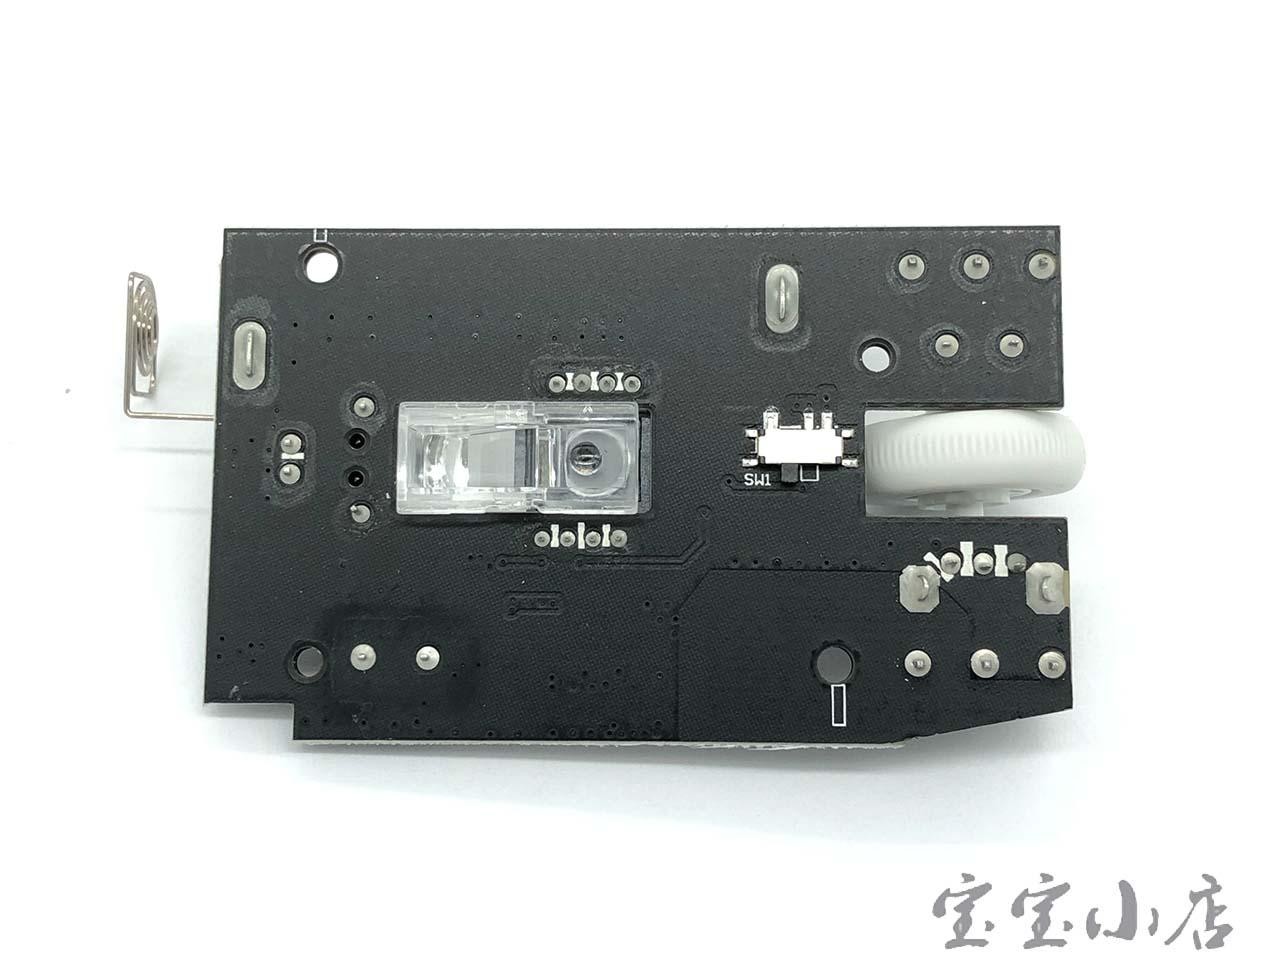 小米青春版2.4G无线鼠标拆解 失灵 无反应故障修复Xiaomi Mi Wireless Mouse Youth Edition 1200dpi 2.4ghz WXSB01MW